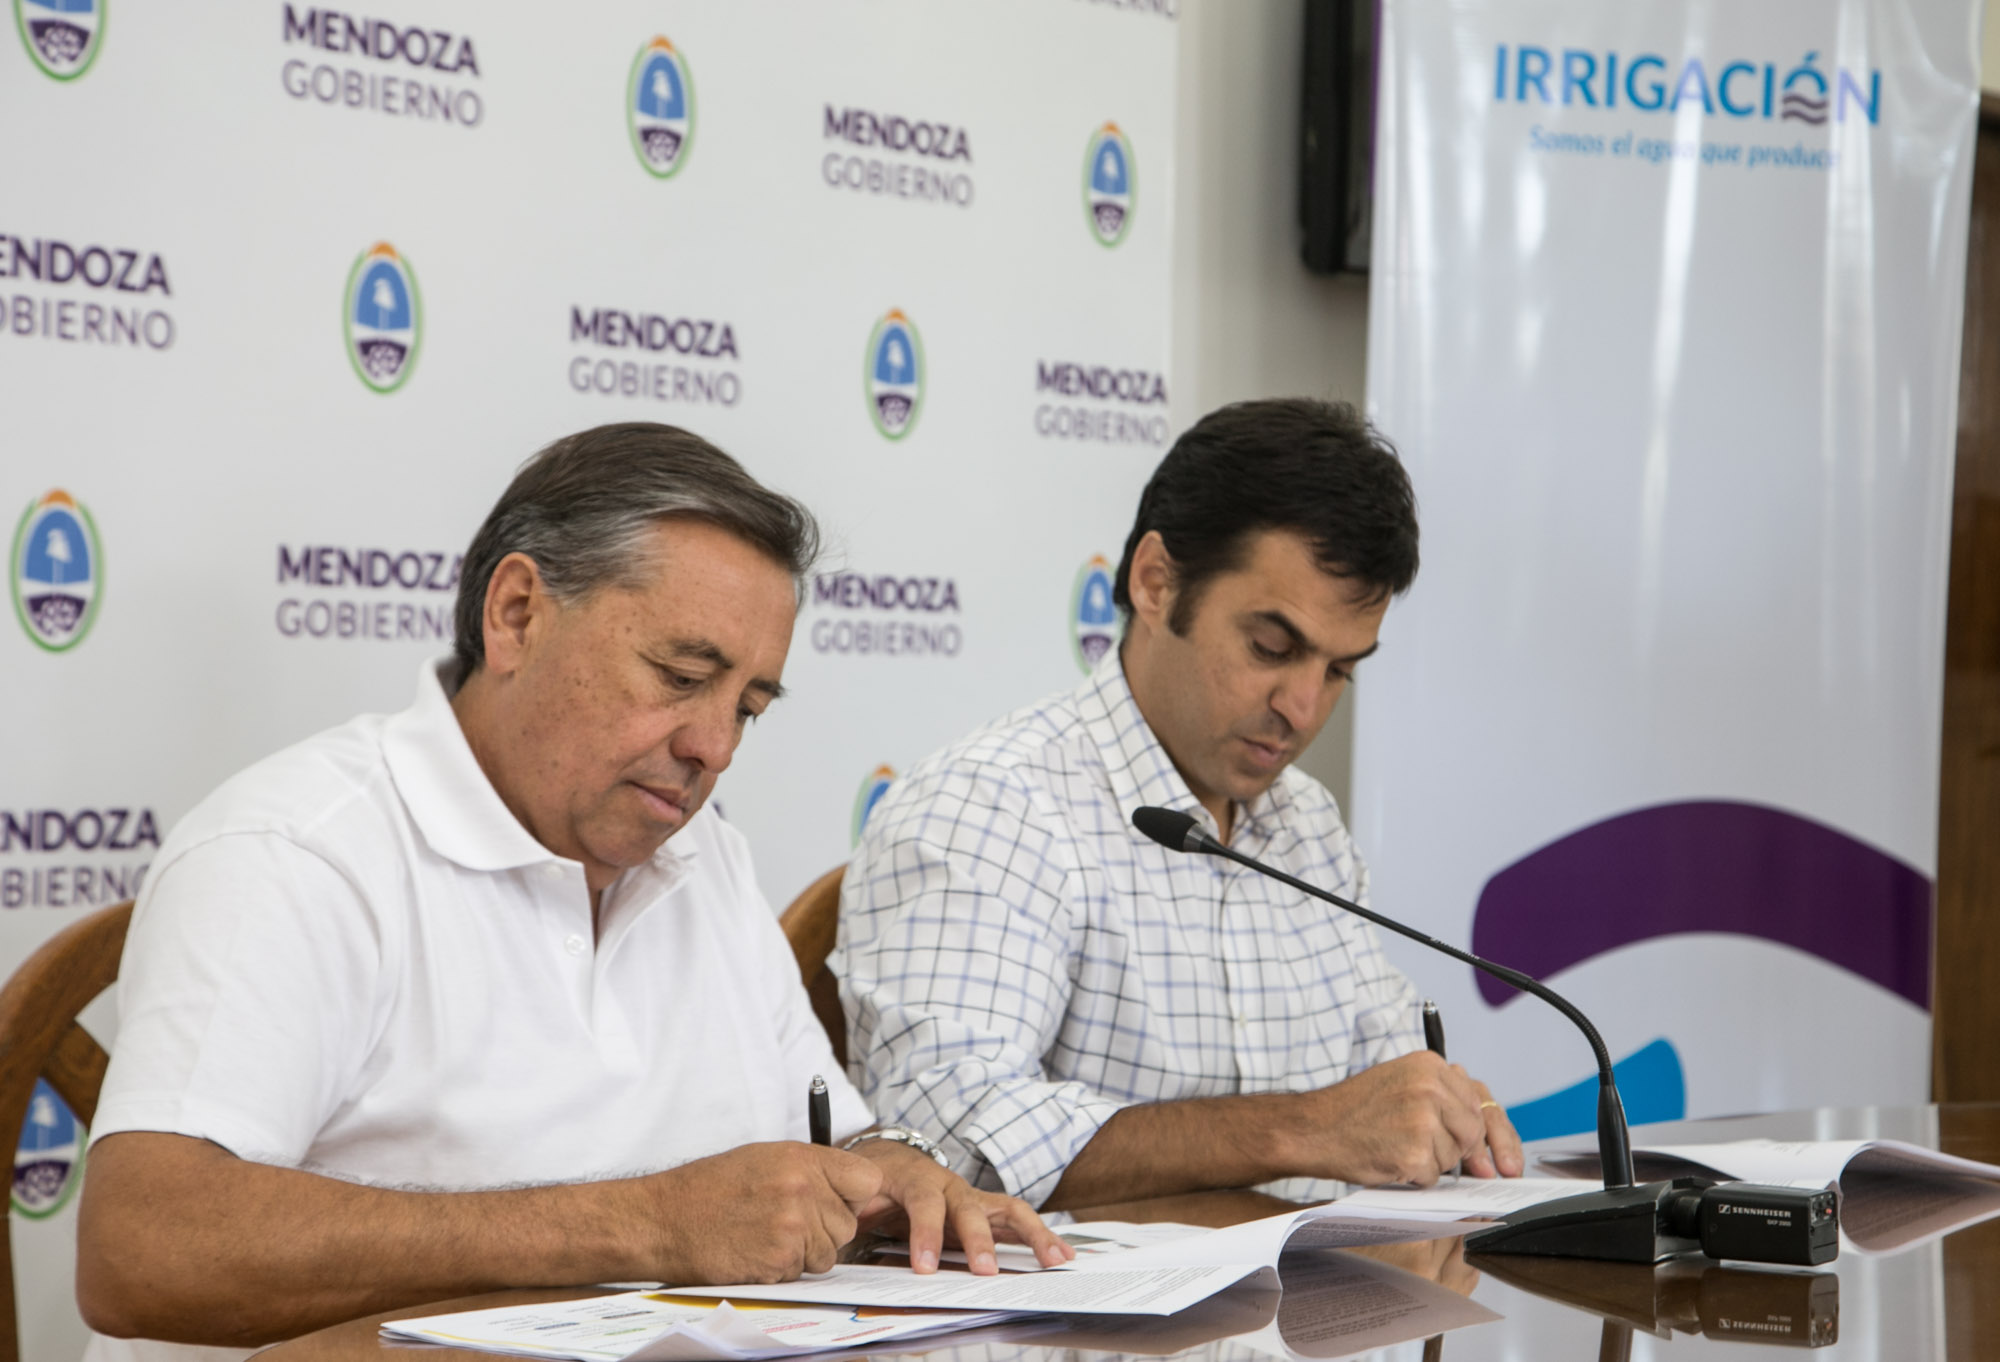 Irrigación firmó un convenio de asistencia técnica con la Agencia de Administración de Bienes del Estado (AABE)